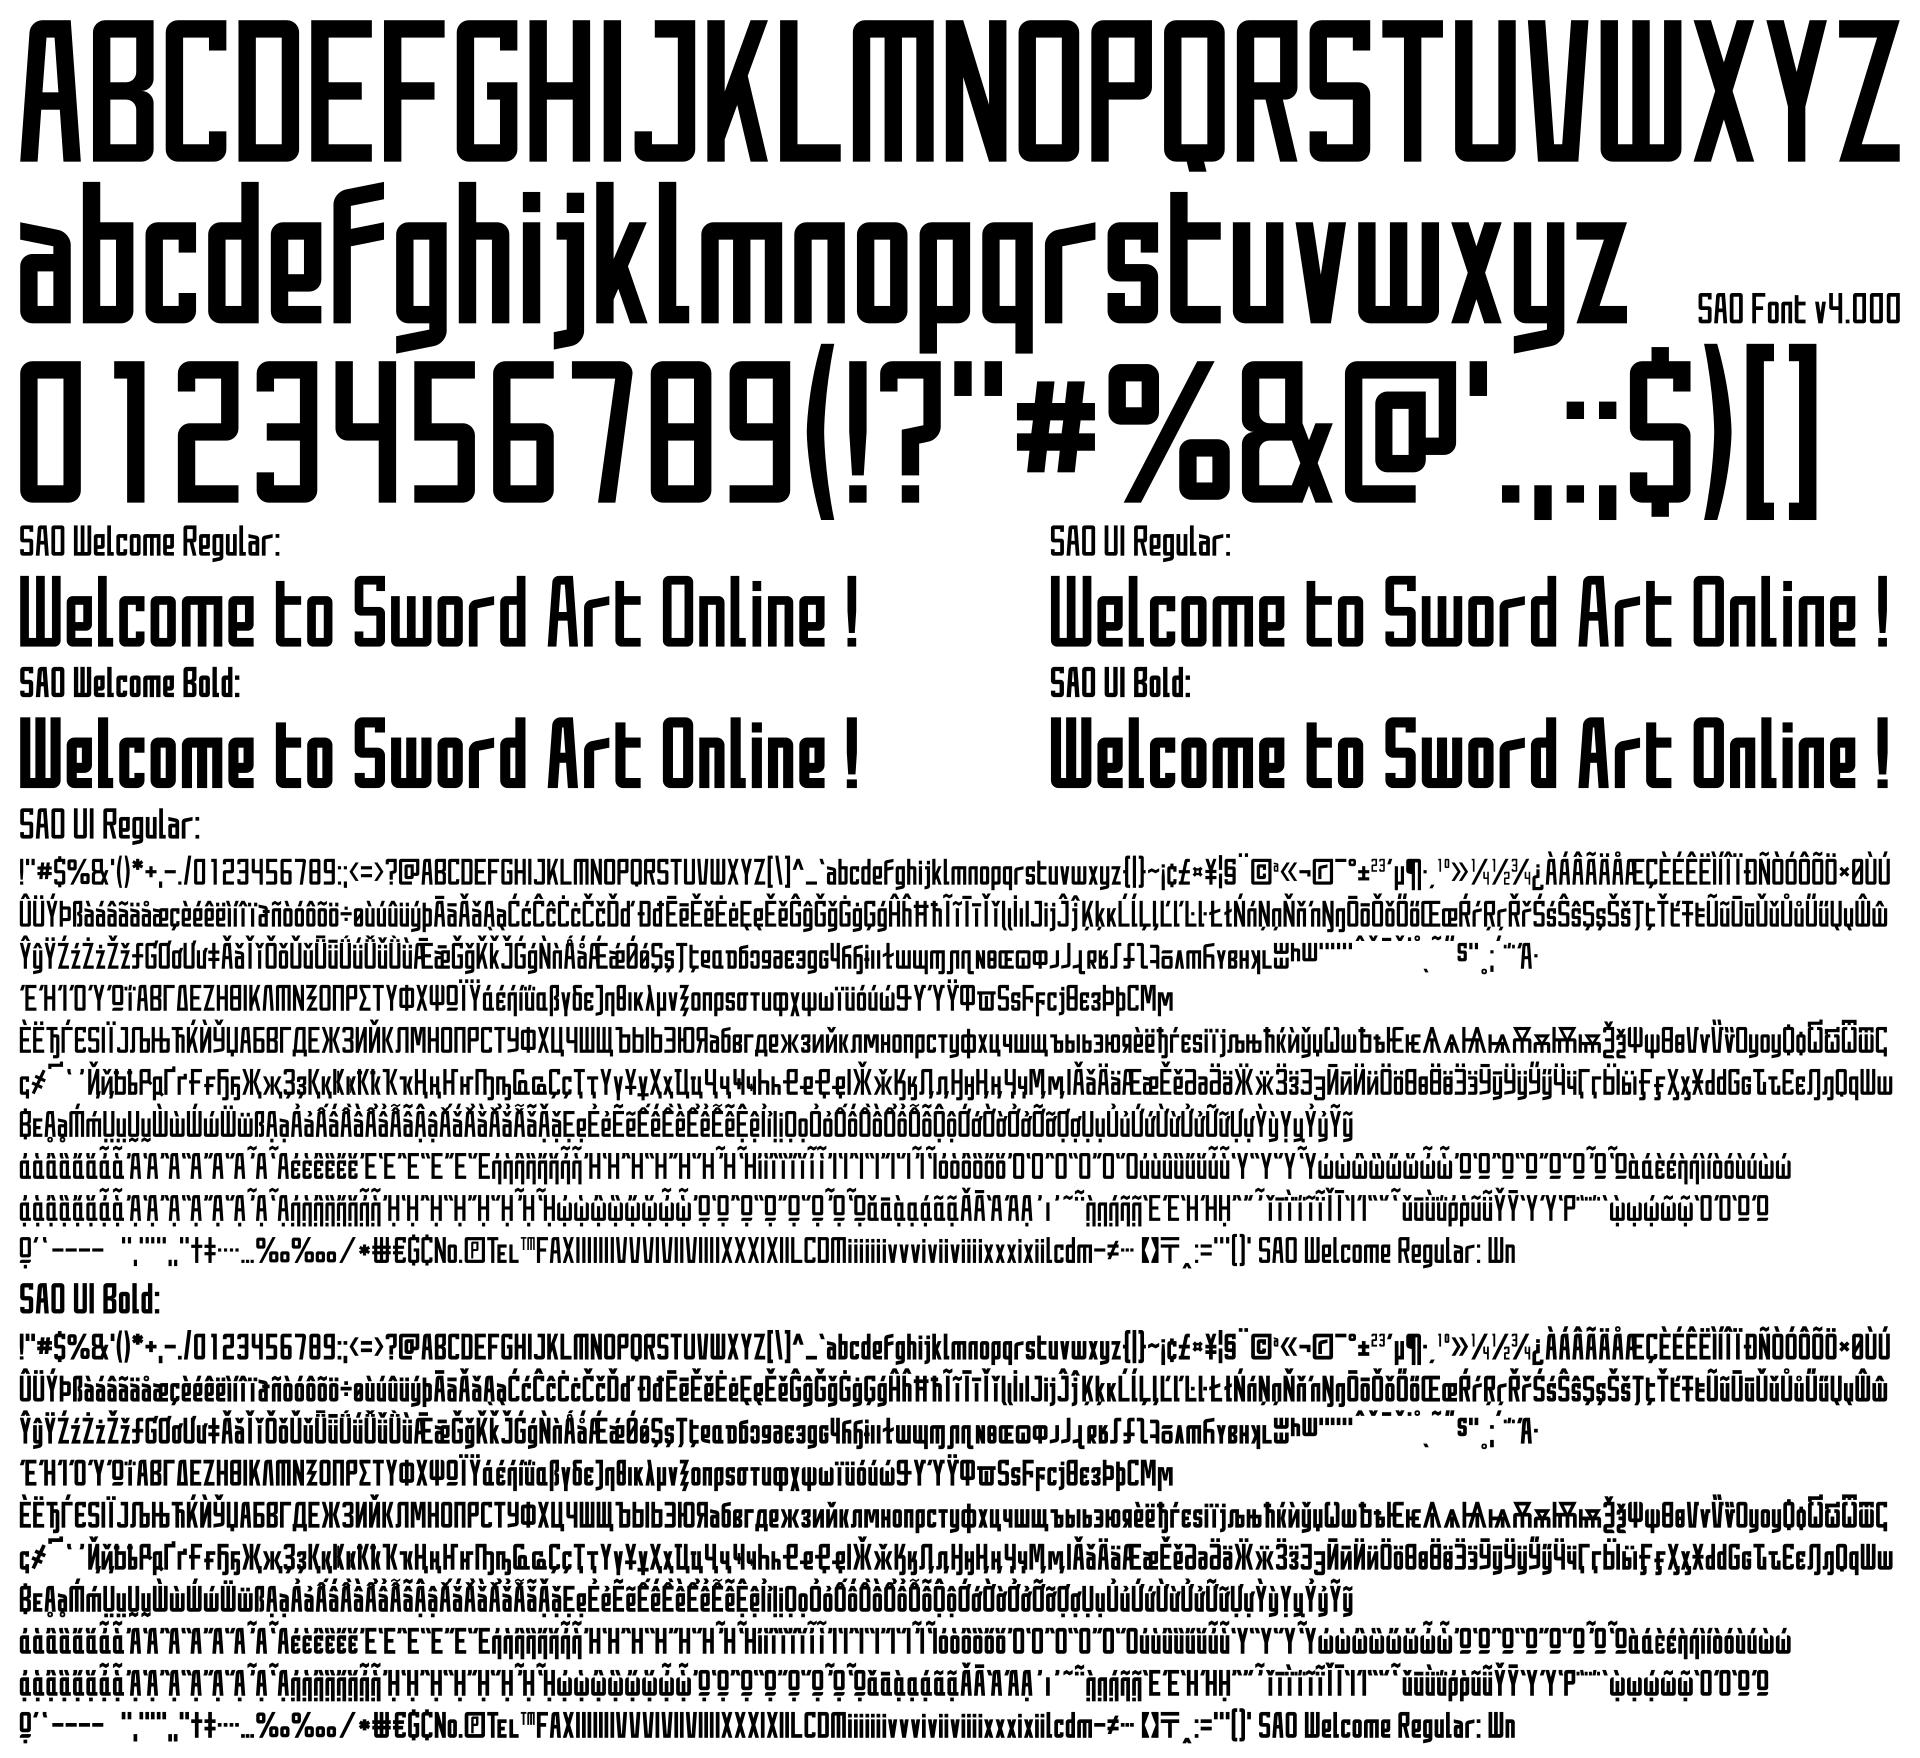 One Line Font Art : Sword art online font download by darkblackswords on